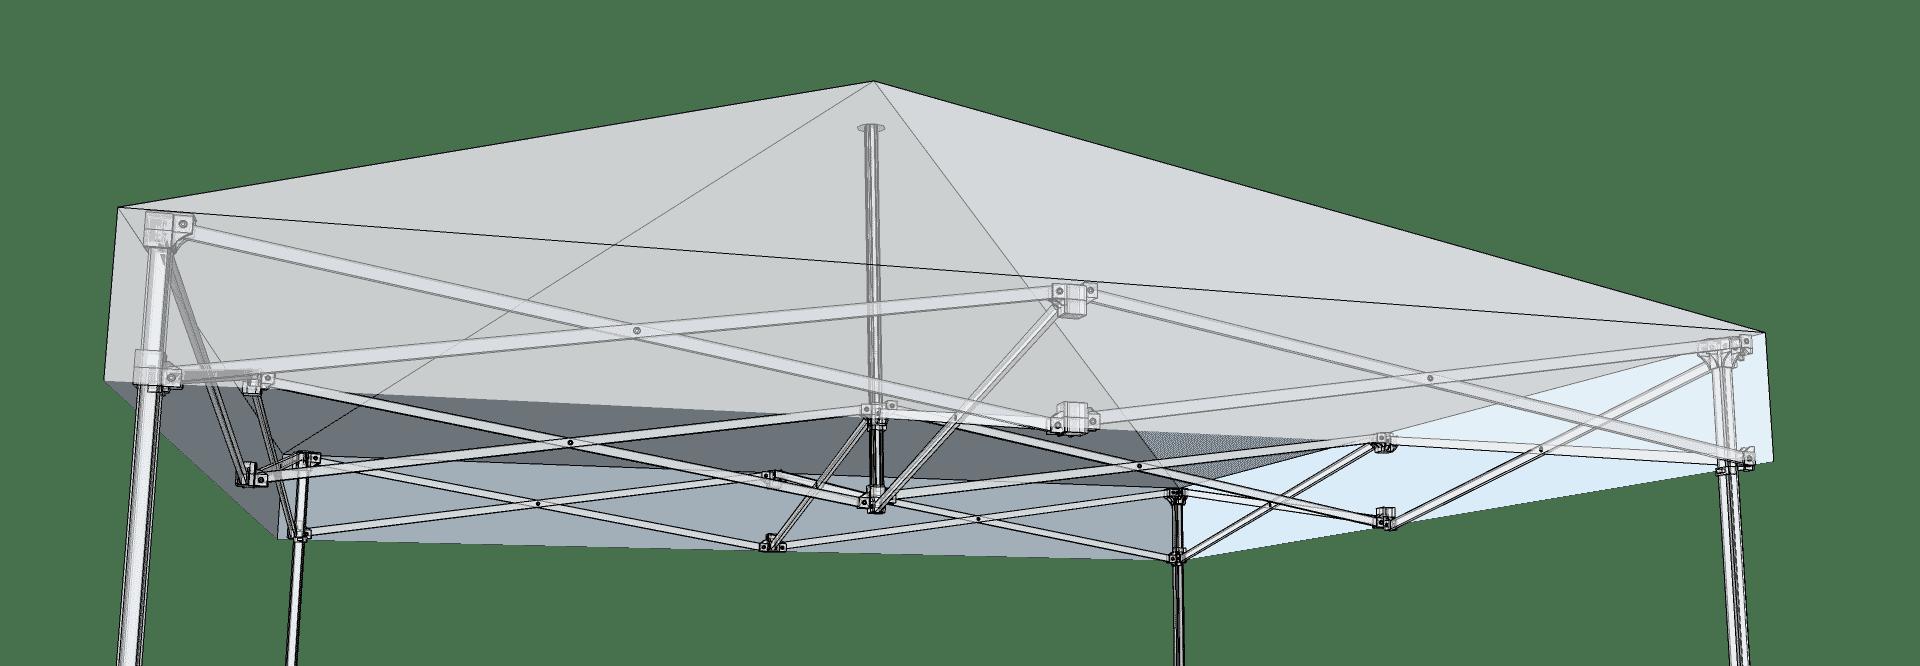 Faltbare Aluminiumkonstruktion mit Scherengitter-Technik